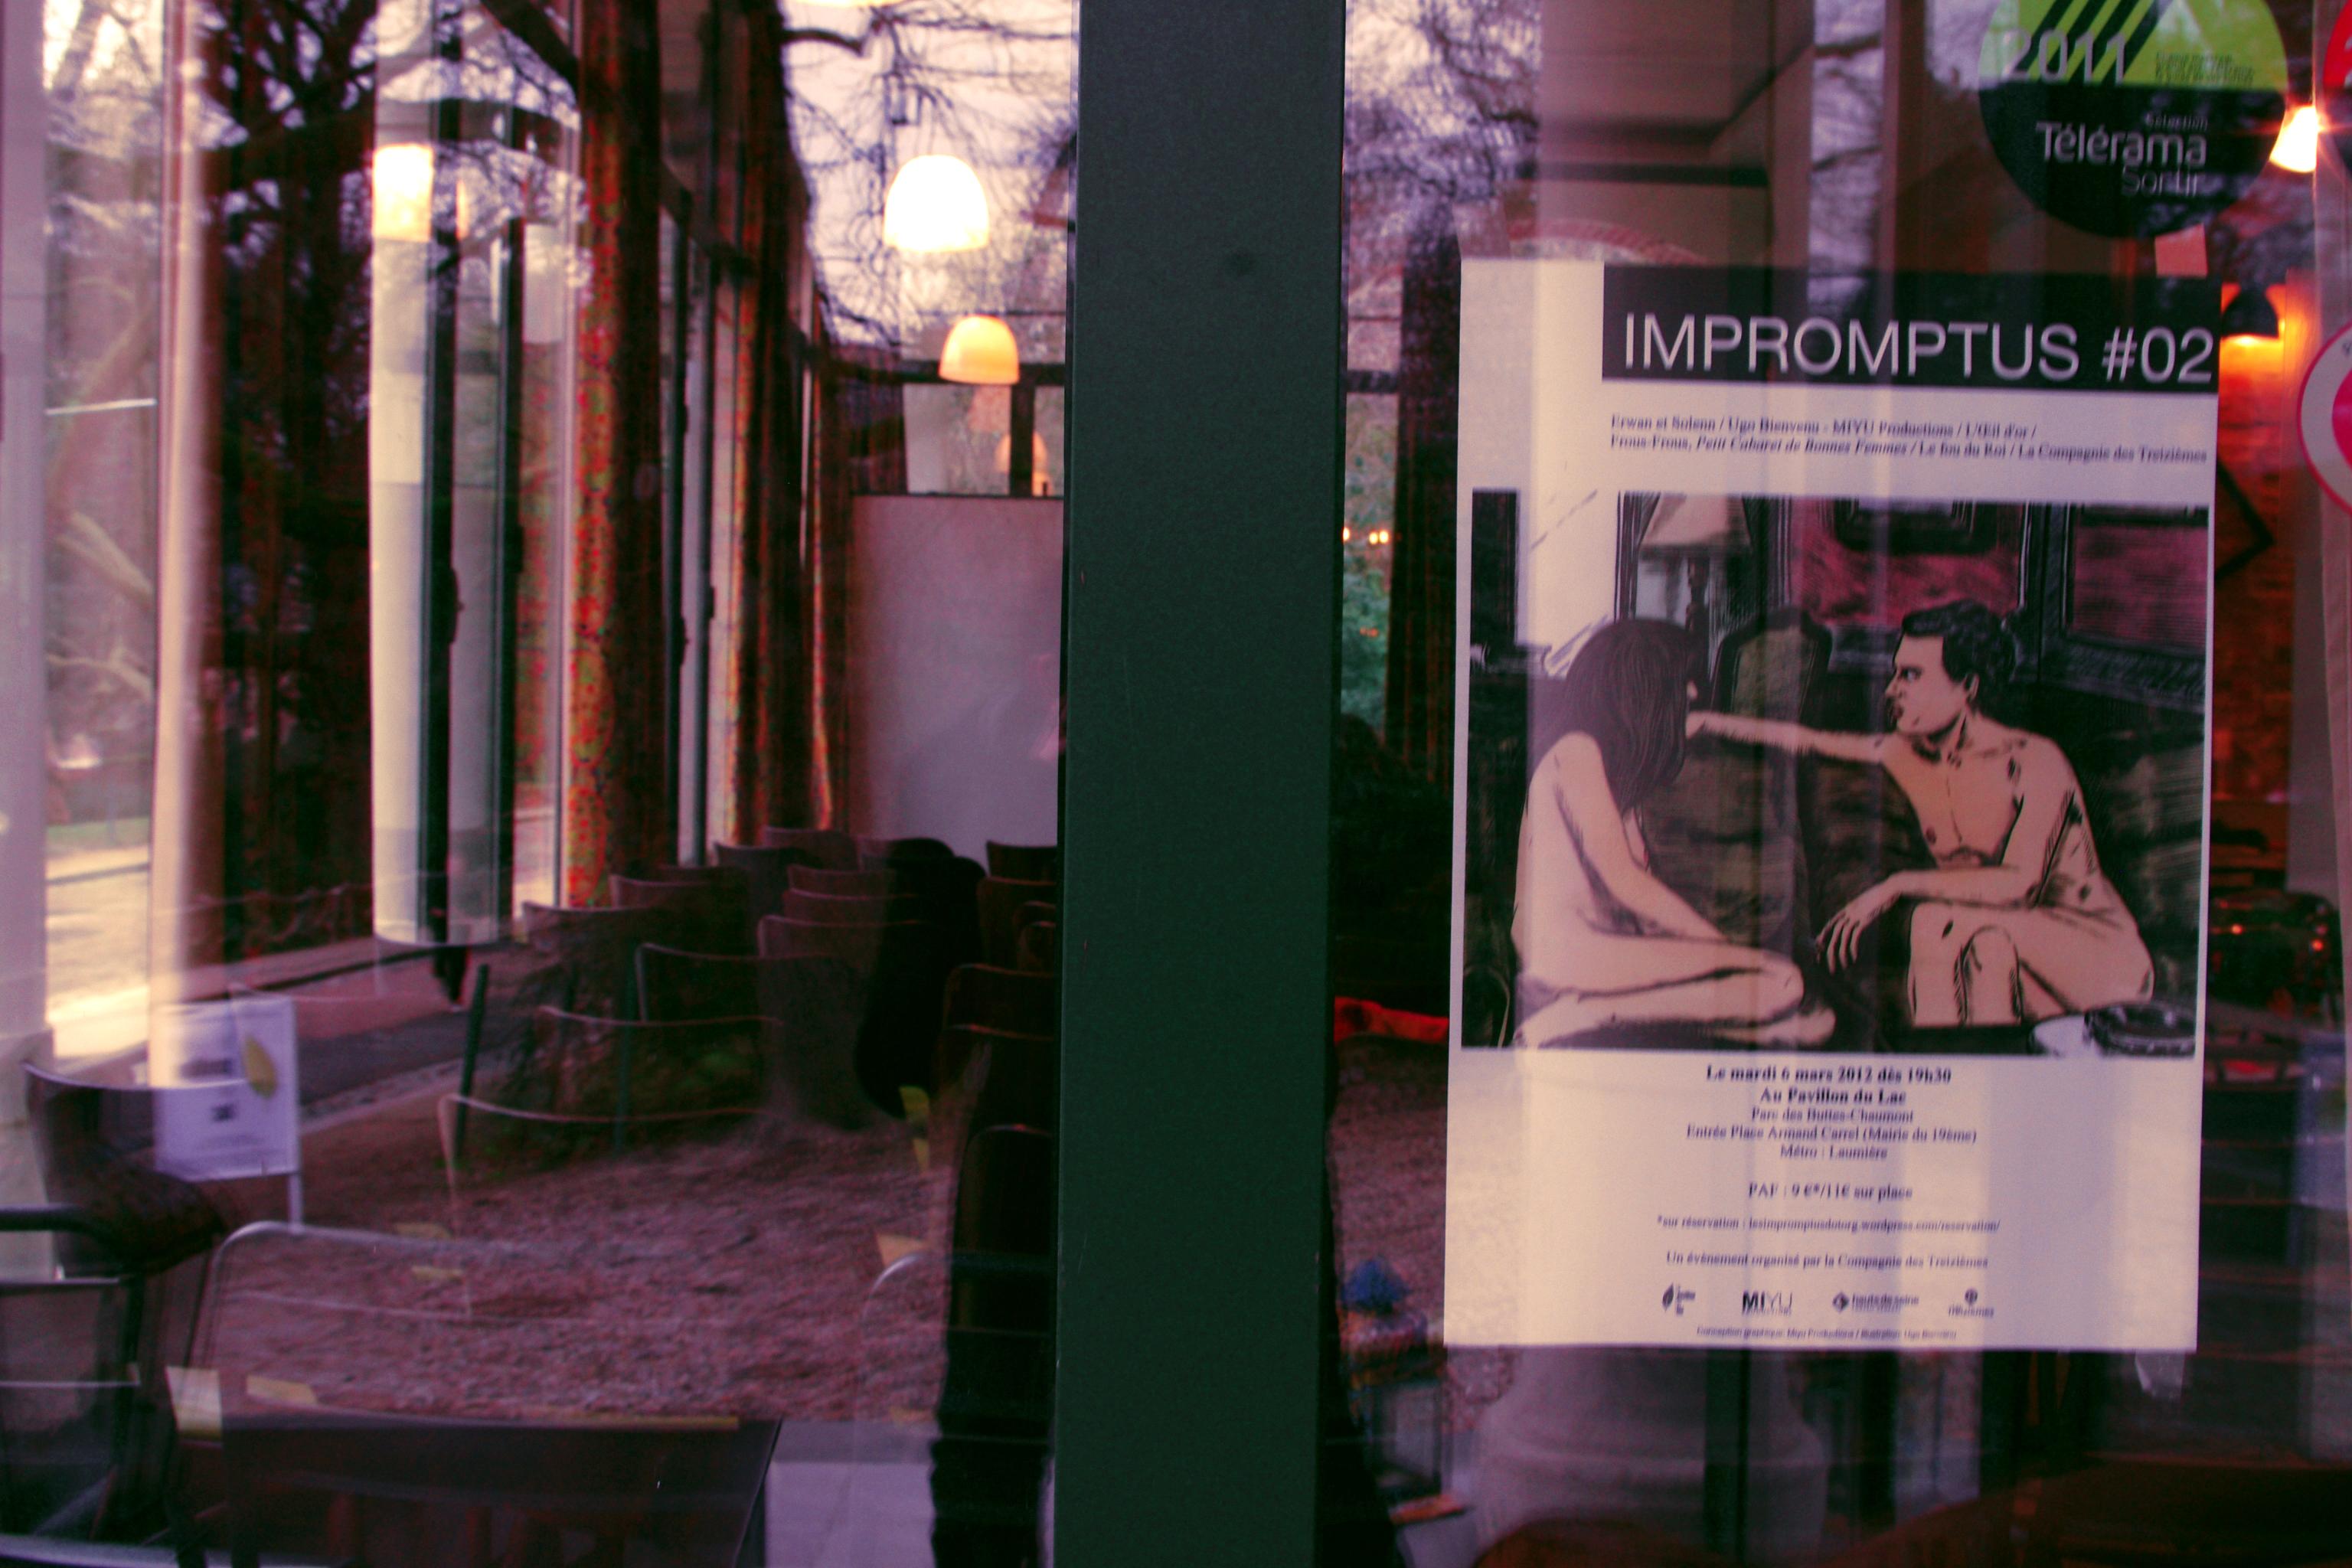 Impromptus #02